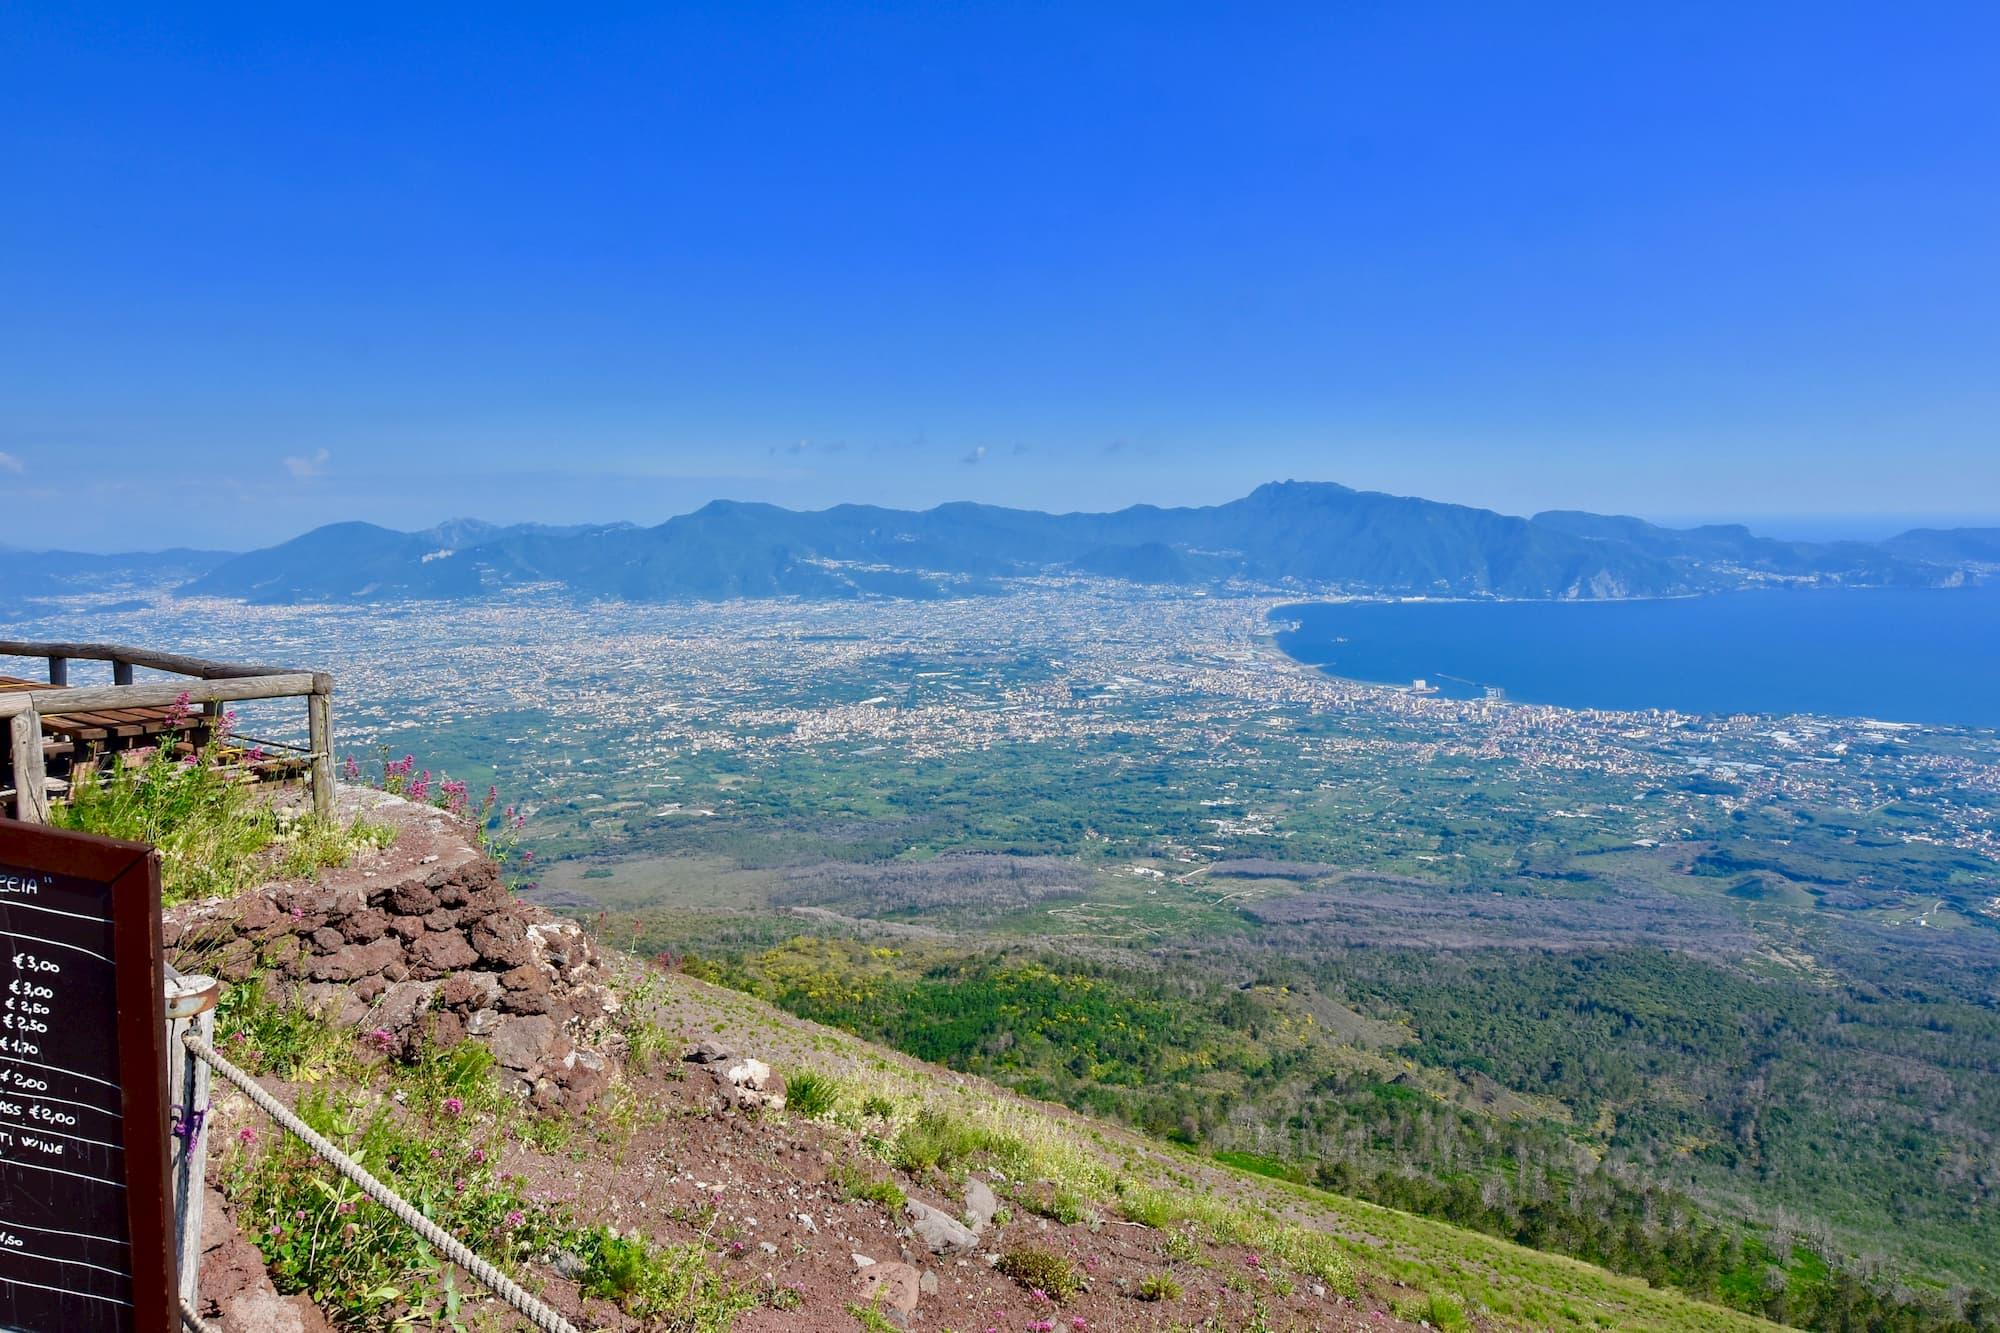 ヴェスヴィオ山頂からみえるポンペイ遺跡(写真ほぼ中央の緑に囲まれた茶色い部分)。バールのメニューには、ヴェスヴィオ近郊の有名なワインラクリマ・クリスティ・ディ・ヴェスビオもあった。